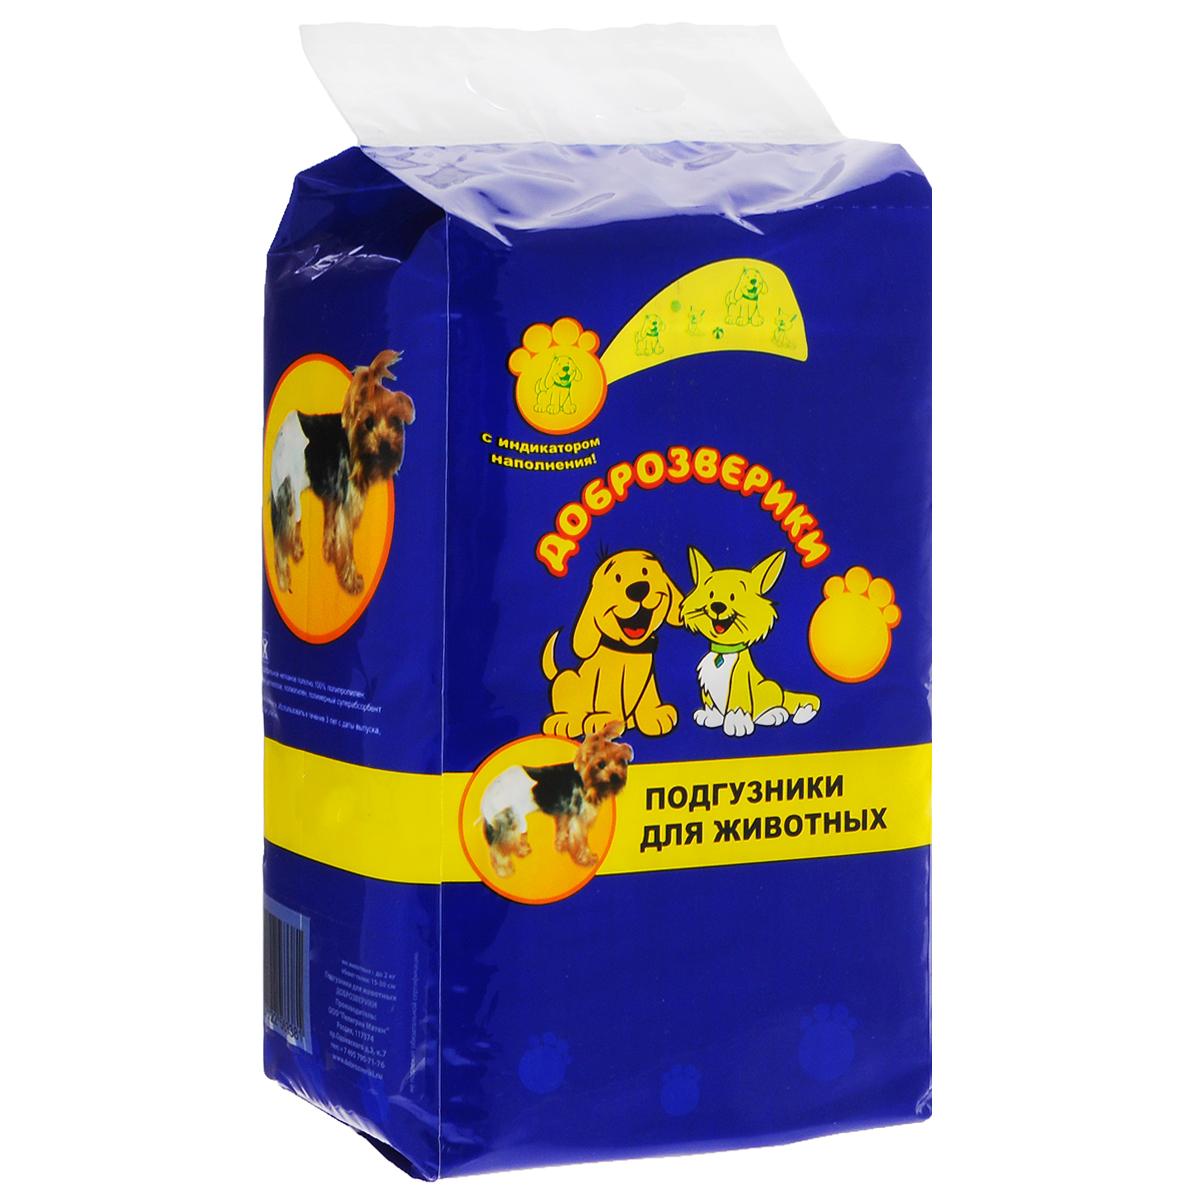 Подгузники для животных  Доброзверики , 2-4 кг, 22 шт. Размер XS - Средства для ухода и гигиены